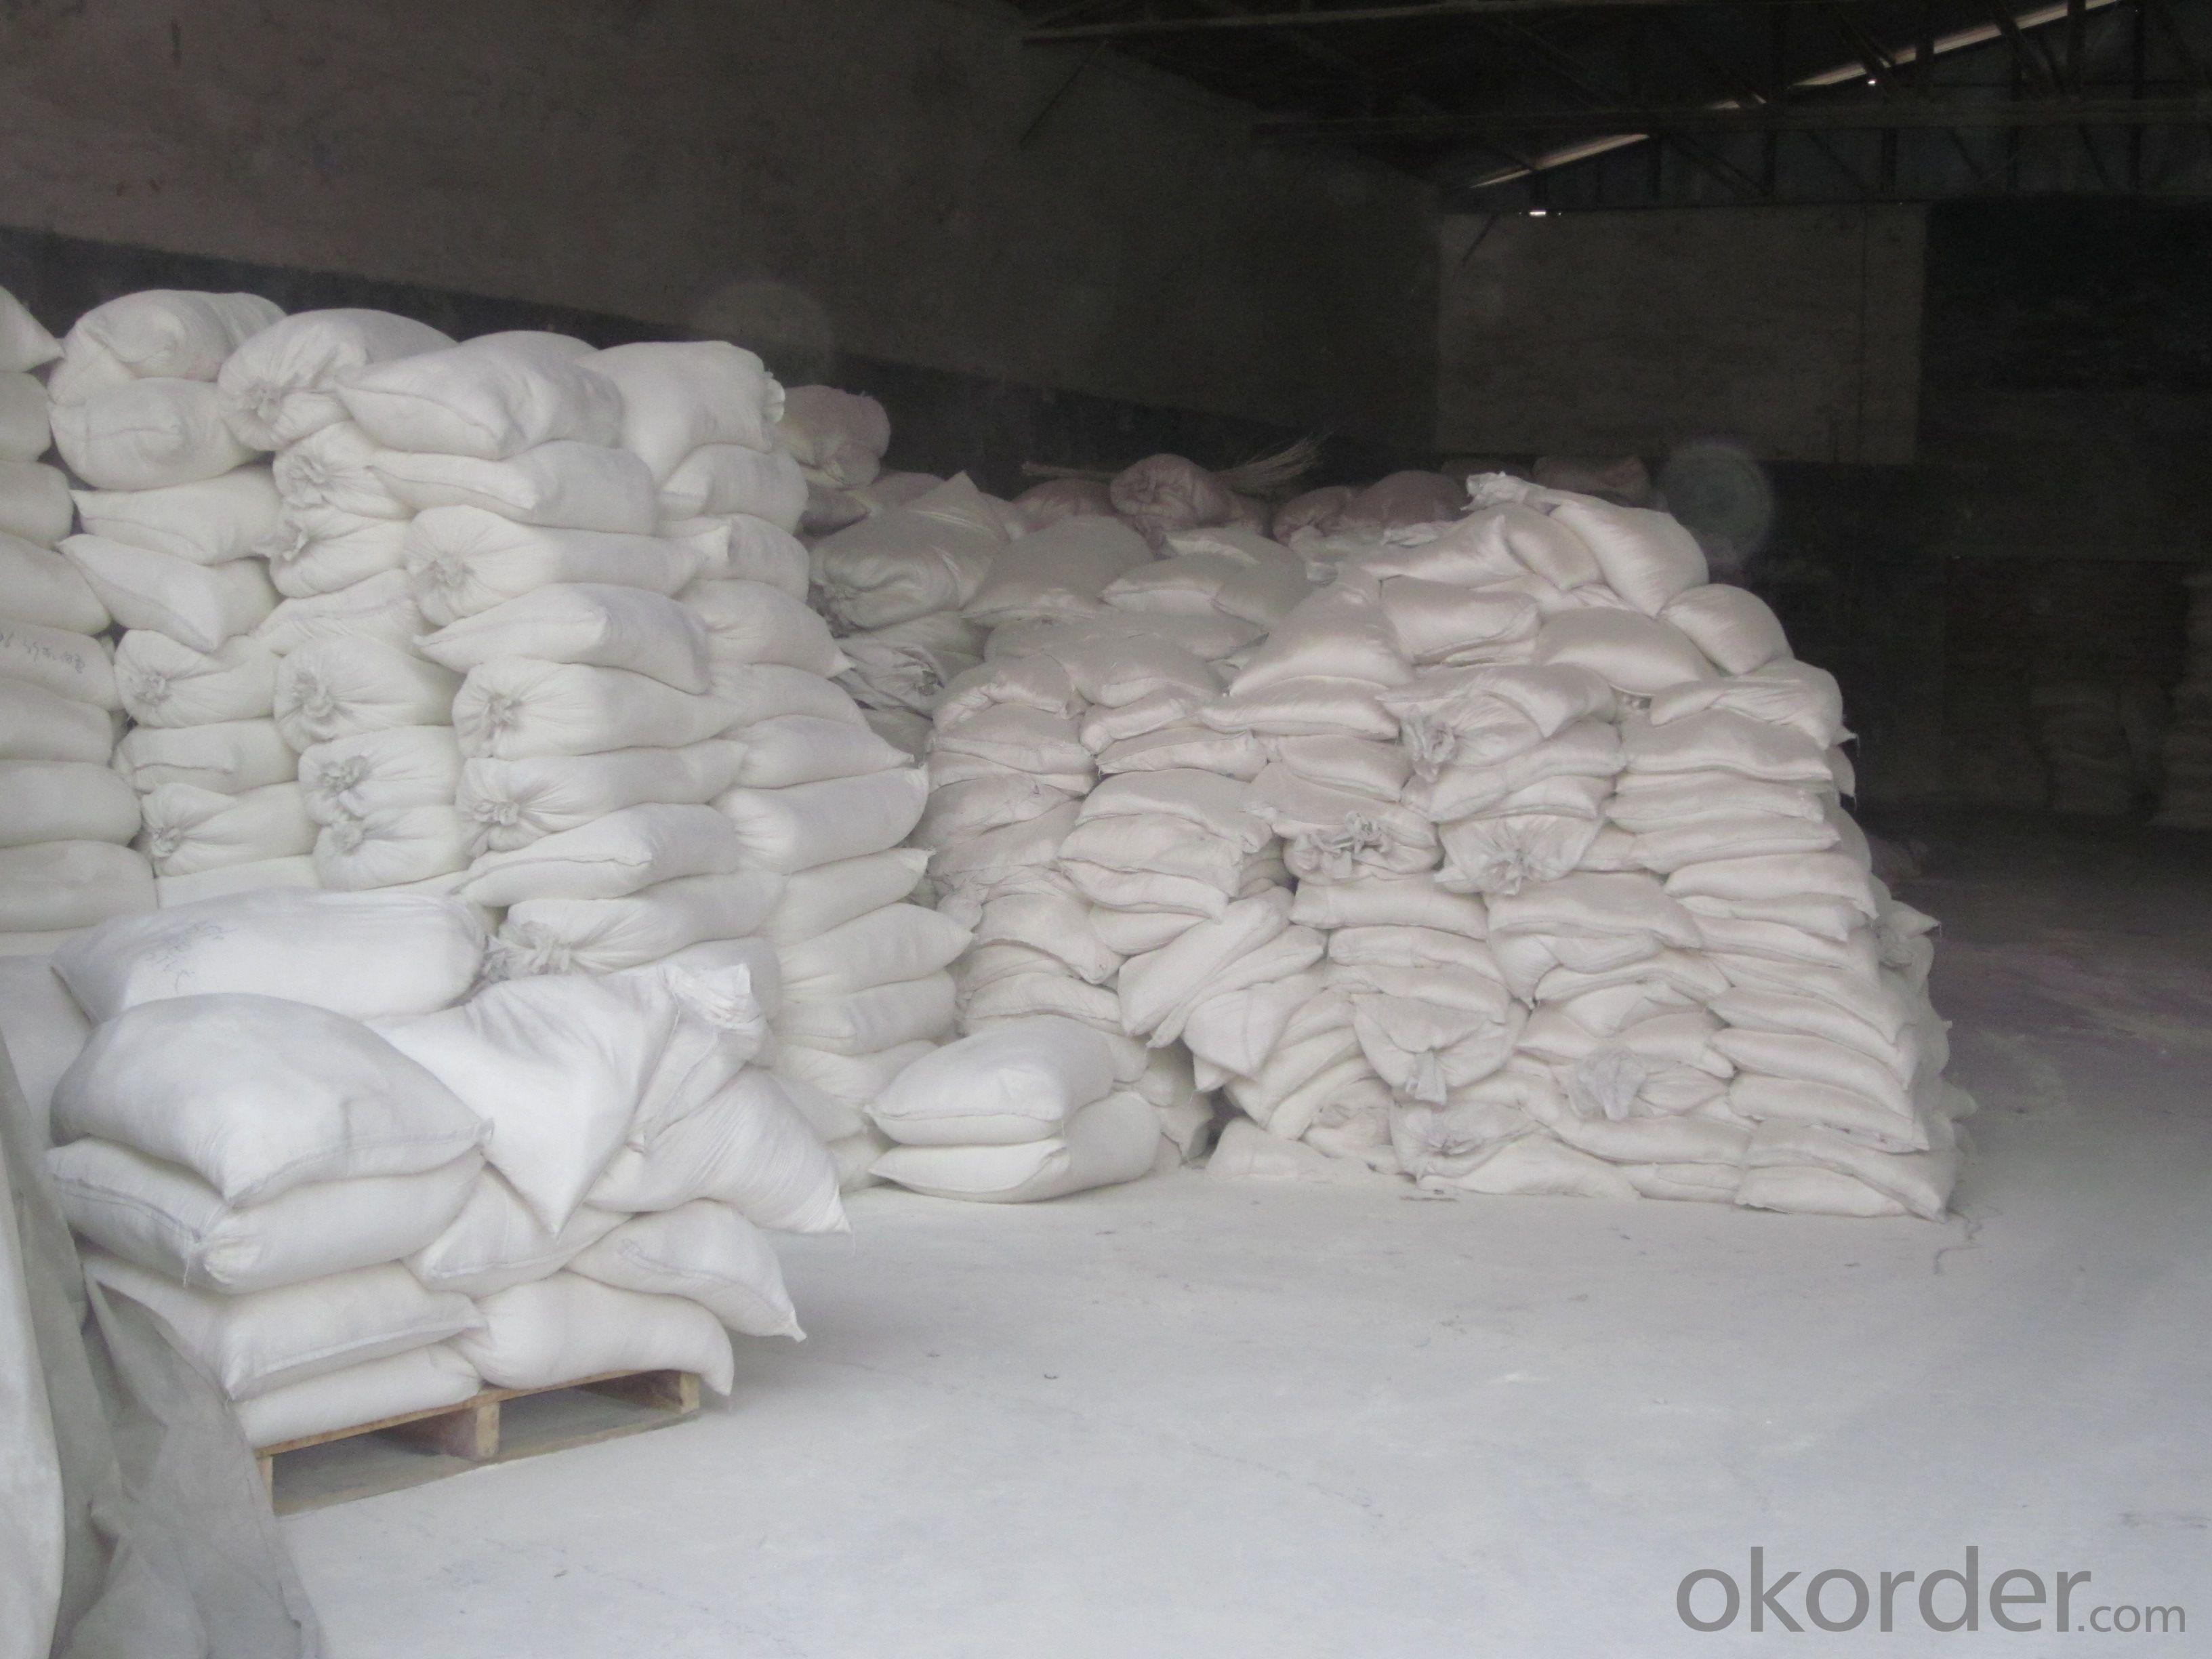 Lithopone 28% 30% B301 Lowest Price  Best Quality